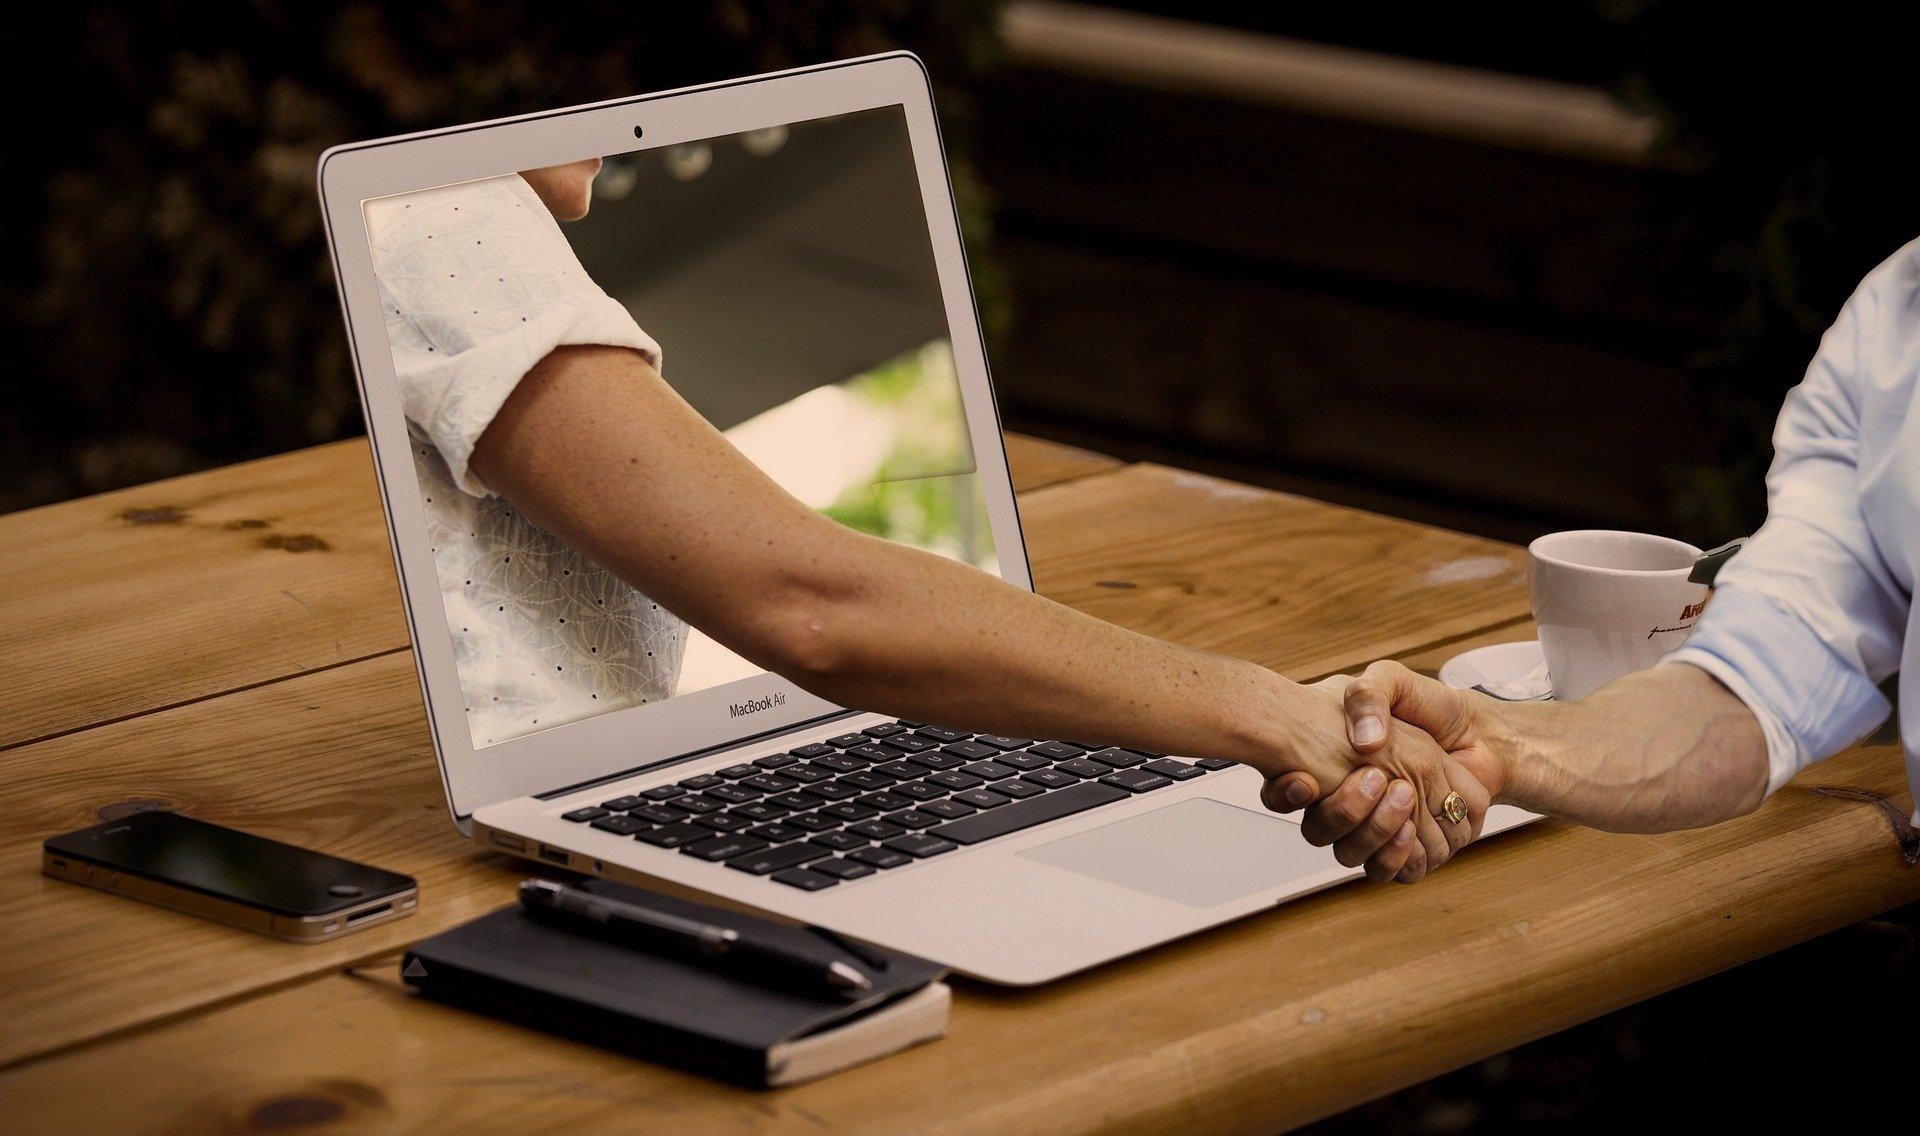 2 Menschen geben sich die Hand . Eine HAnd kommt aus dem Notebookbildschirm heraus.